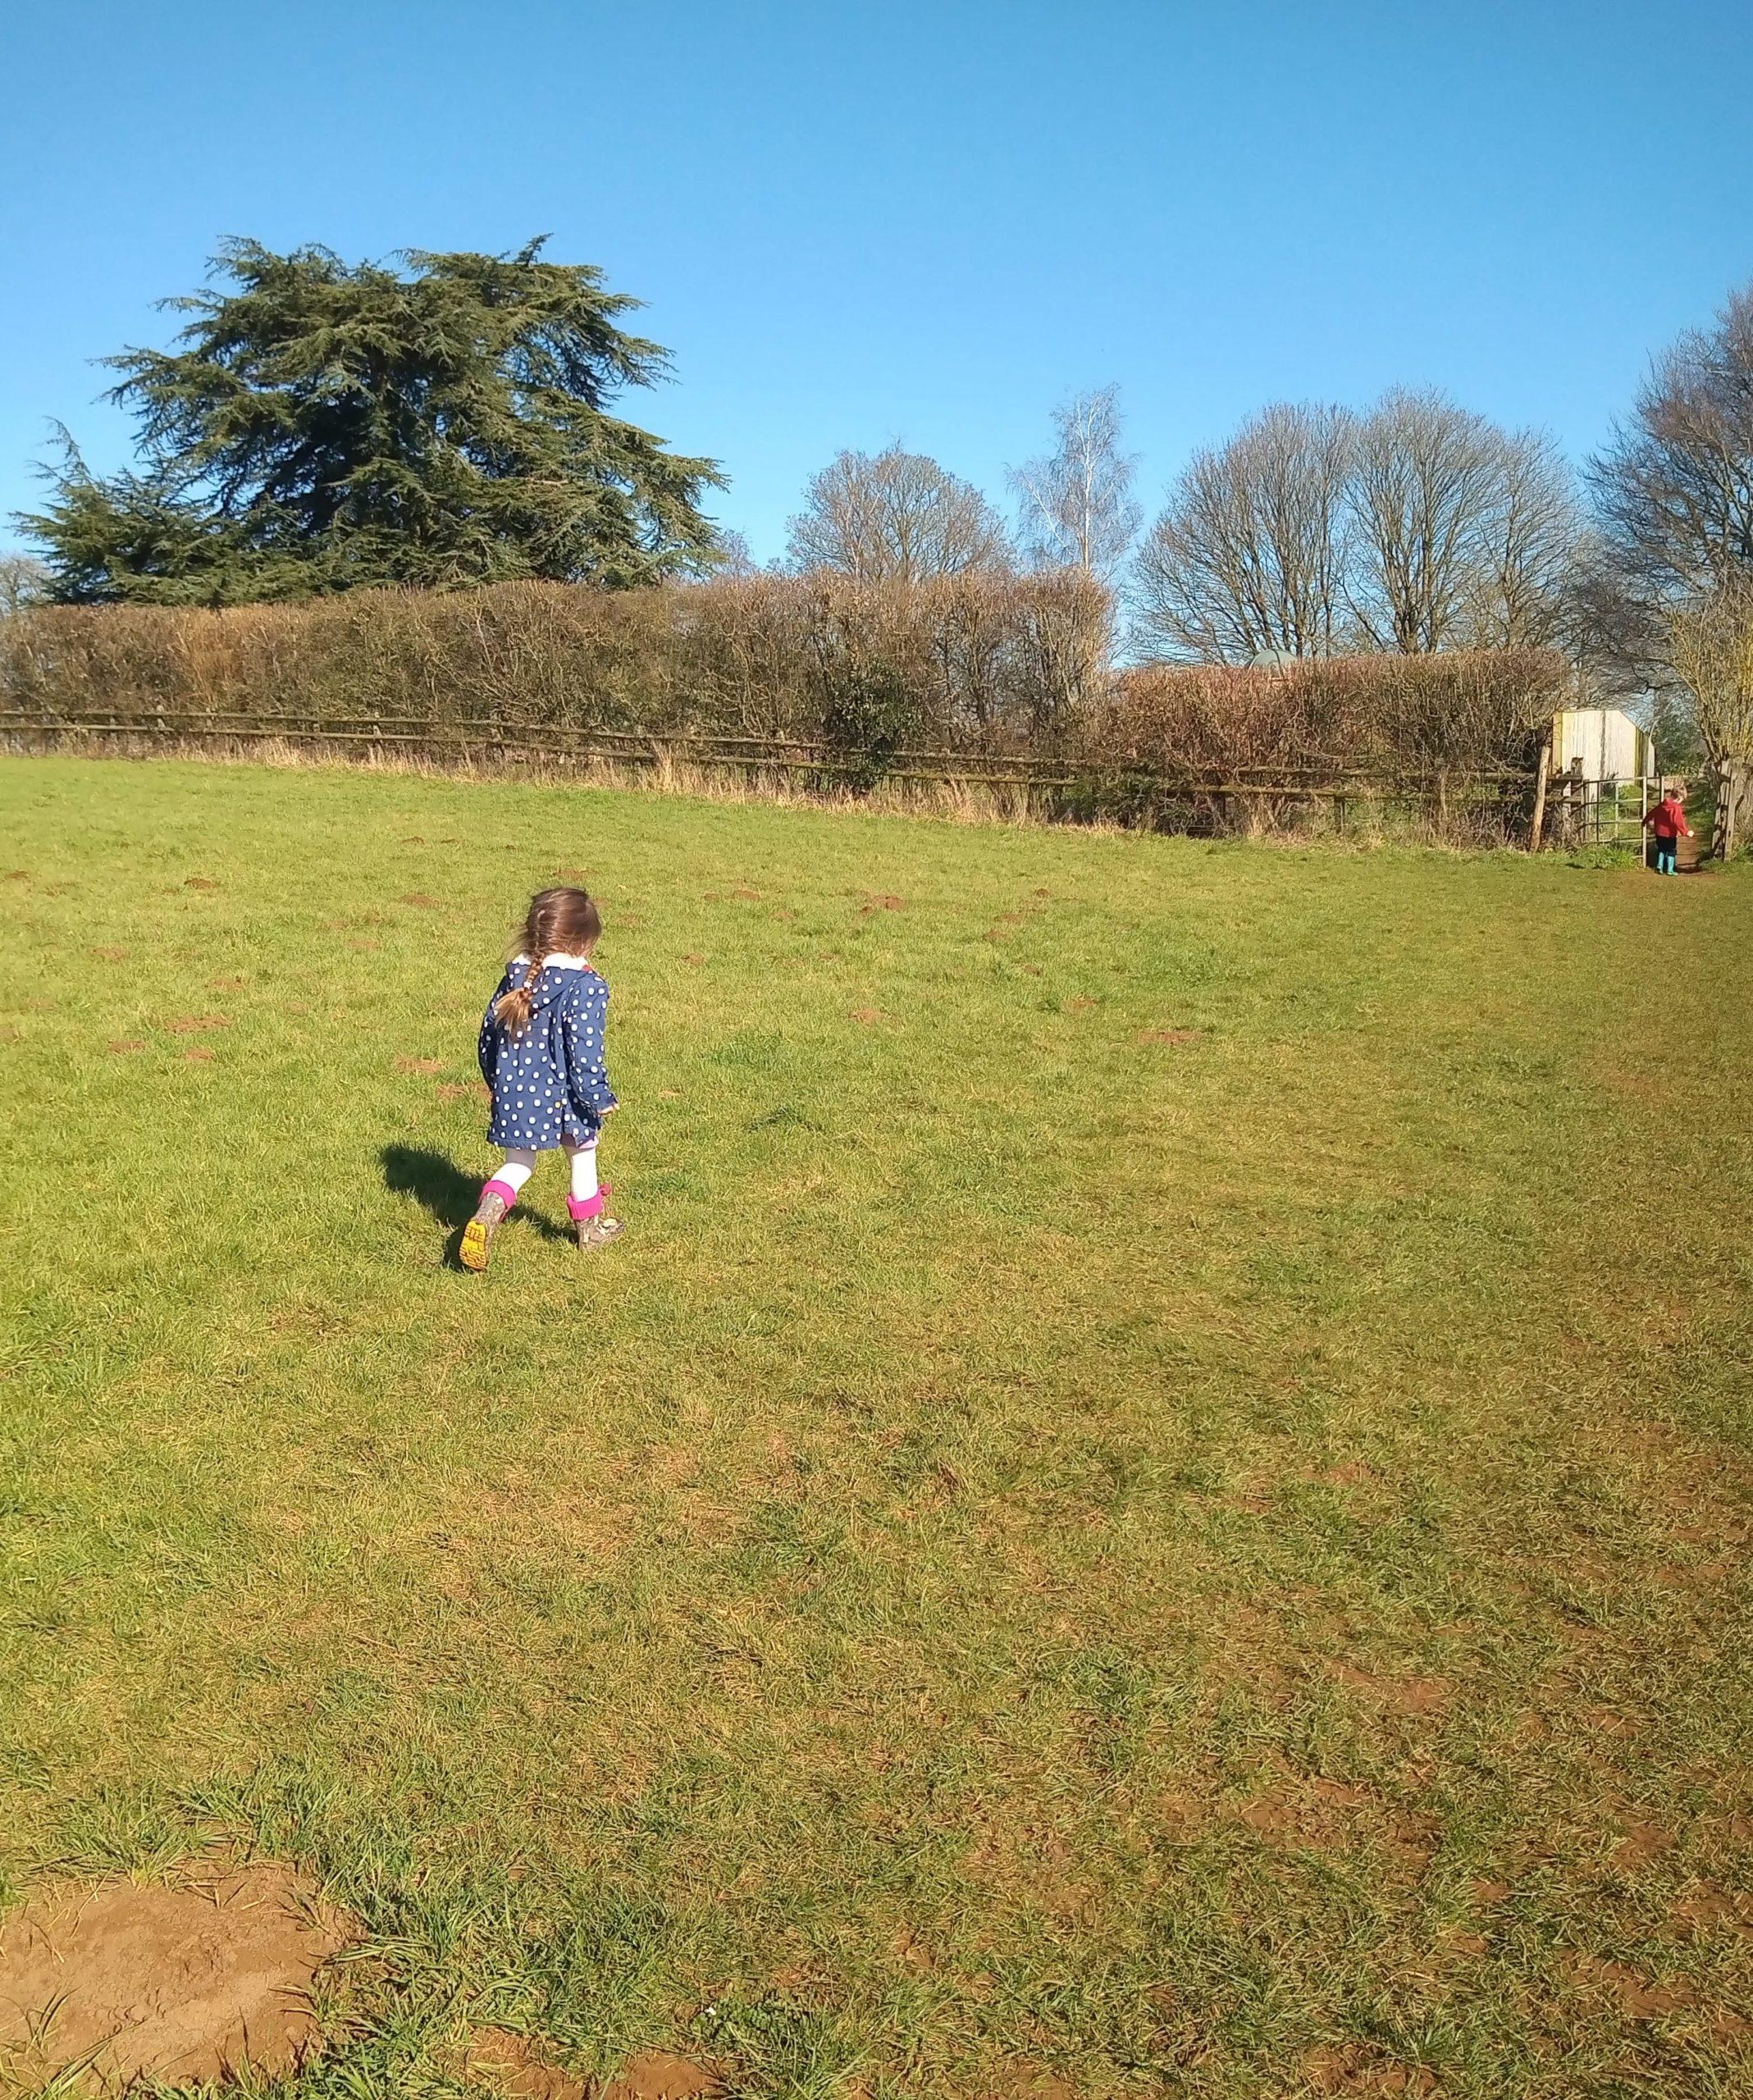 Little girl walking in field